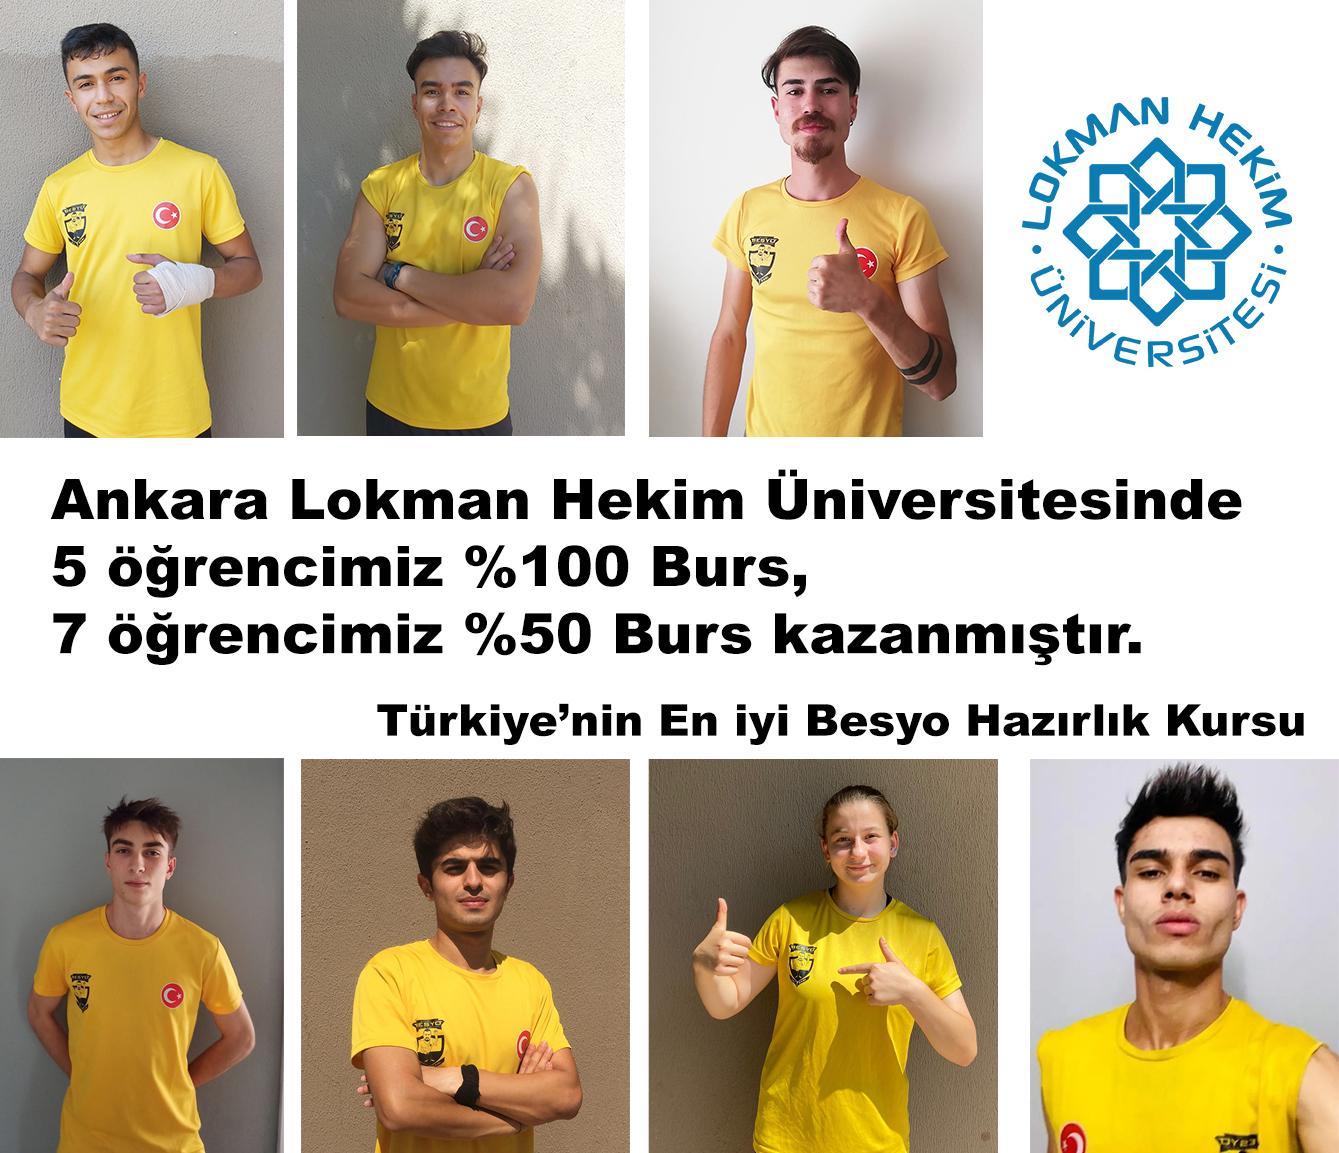 Ankara Lokman Hekim Üniversitesinde 5 öğrencimiz  %100 Burs, 7 öğrencimiz %50 Burs kazanmıştır.